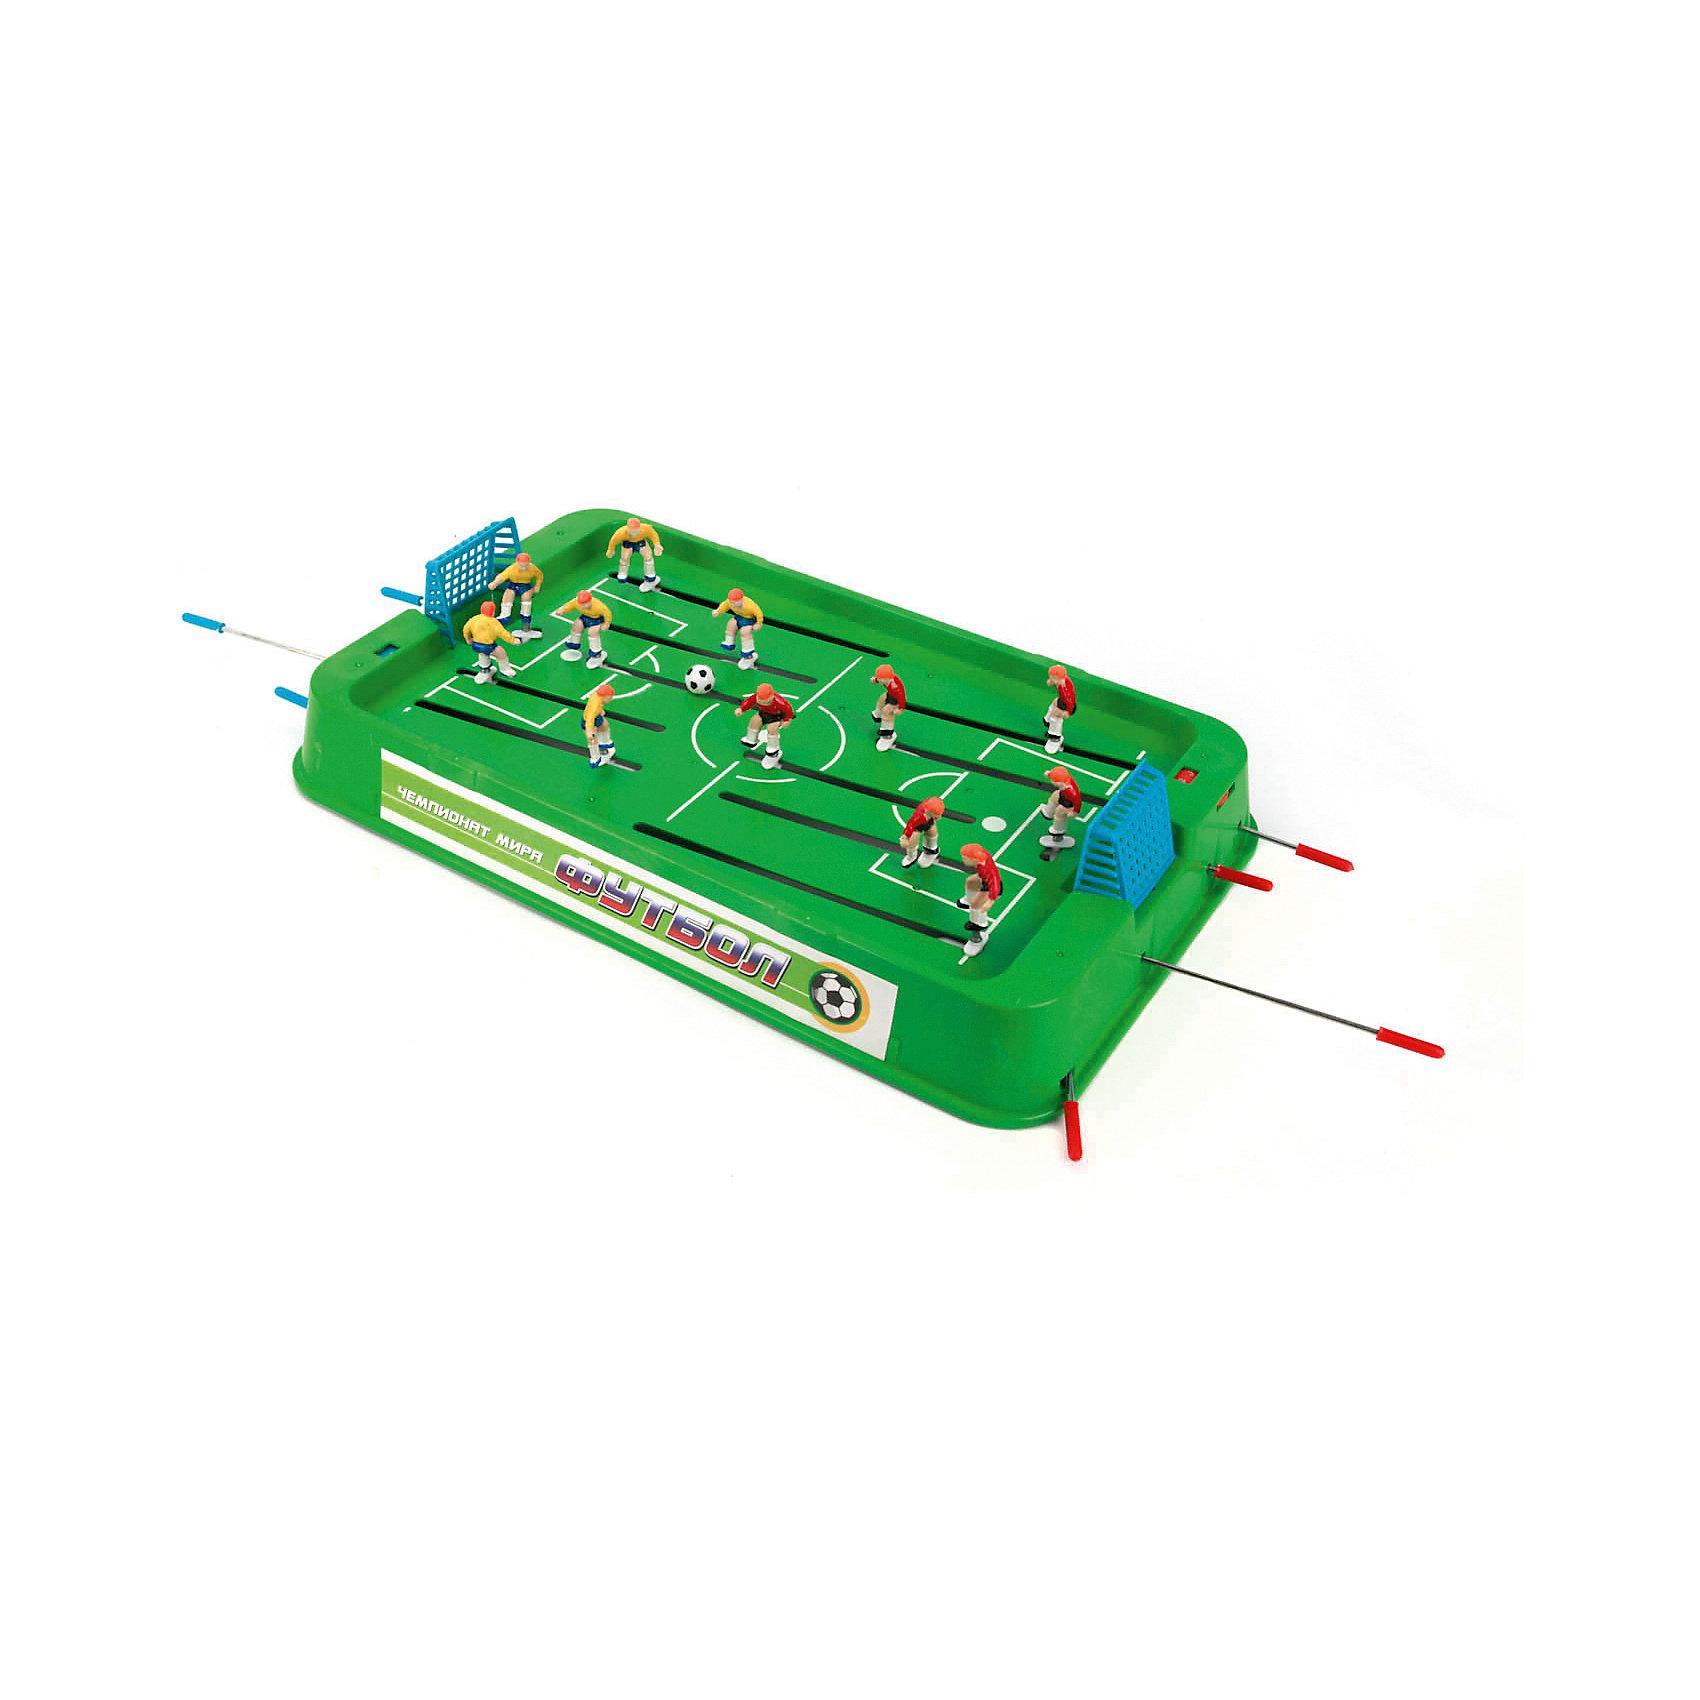 Игра настольная Футбол, Играем вместеНастольная игра Футбол.<br><br>Настольная игра Футбол станет отличным подарком не только ребенку, но и взрослому, любящему спортивные игры. Игра состоит из игрового поля с воротами, на котором располагаются две футбольные команды по шесть игроков в каждой. Игровое поле обрамлено барьером и может устанавливаться на специальные ножки. Игроки с помощью рукояток управляют фигурками футболистов, установленными на стержнях, стремясь забить мяч в ворота противника. <br>Игра вырабатывает быстроту реакции, меткость и точность движений и предназначена для игры в домашних, школьных и клубных условиях.<br><br>Дополнительная информация:<br><br>Материал: пластик, металл. <br>Размер игрового поля (без ножек): 45 x 27 x 6 см. <br>Высота фигурки: 4 см. <br>Размер упаковки: 54 х 29 х 6 см.<br><br>Ширина мм: 60<br>Глубина мм: 540<br>Высота мм: 290<br>Вес г: 1080<br>Возраст от месяцев: 36<br>Возраст до месяцев: 144<br>Пол: Мужской<br>Возраст: Детский<br>SKU: 2326239